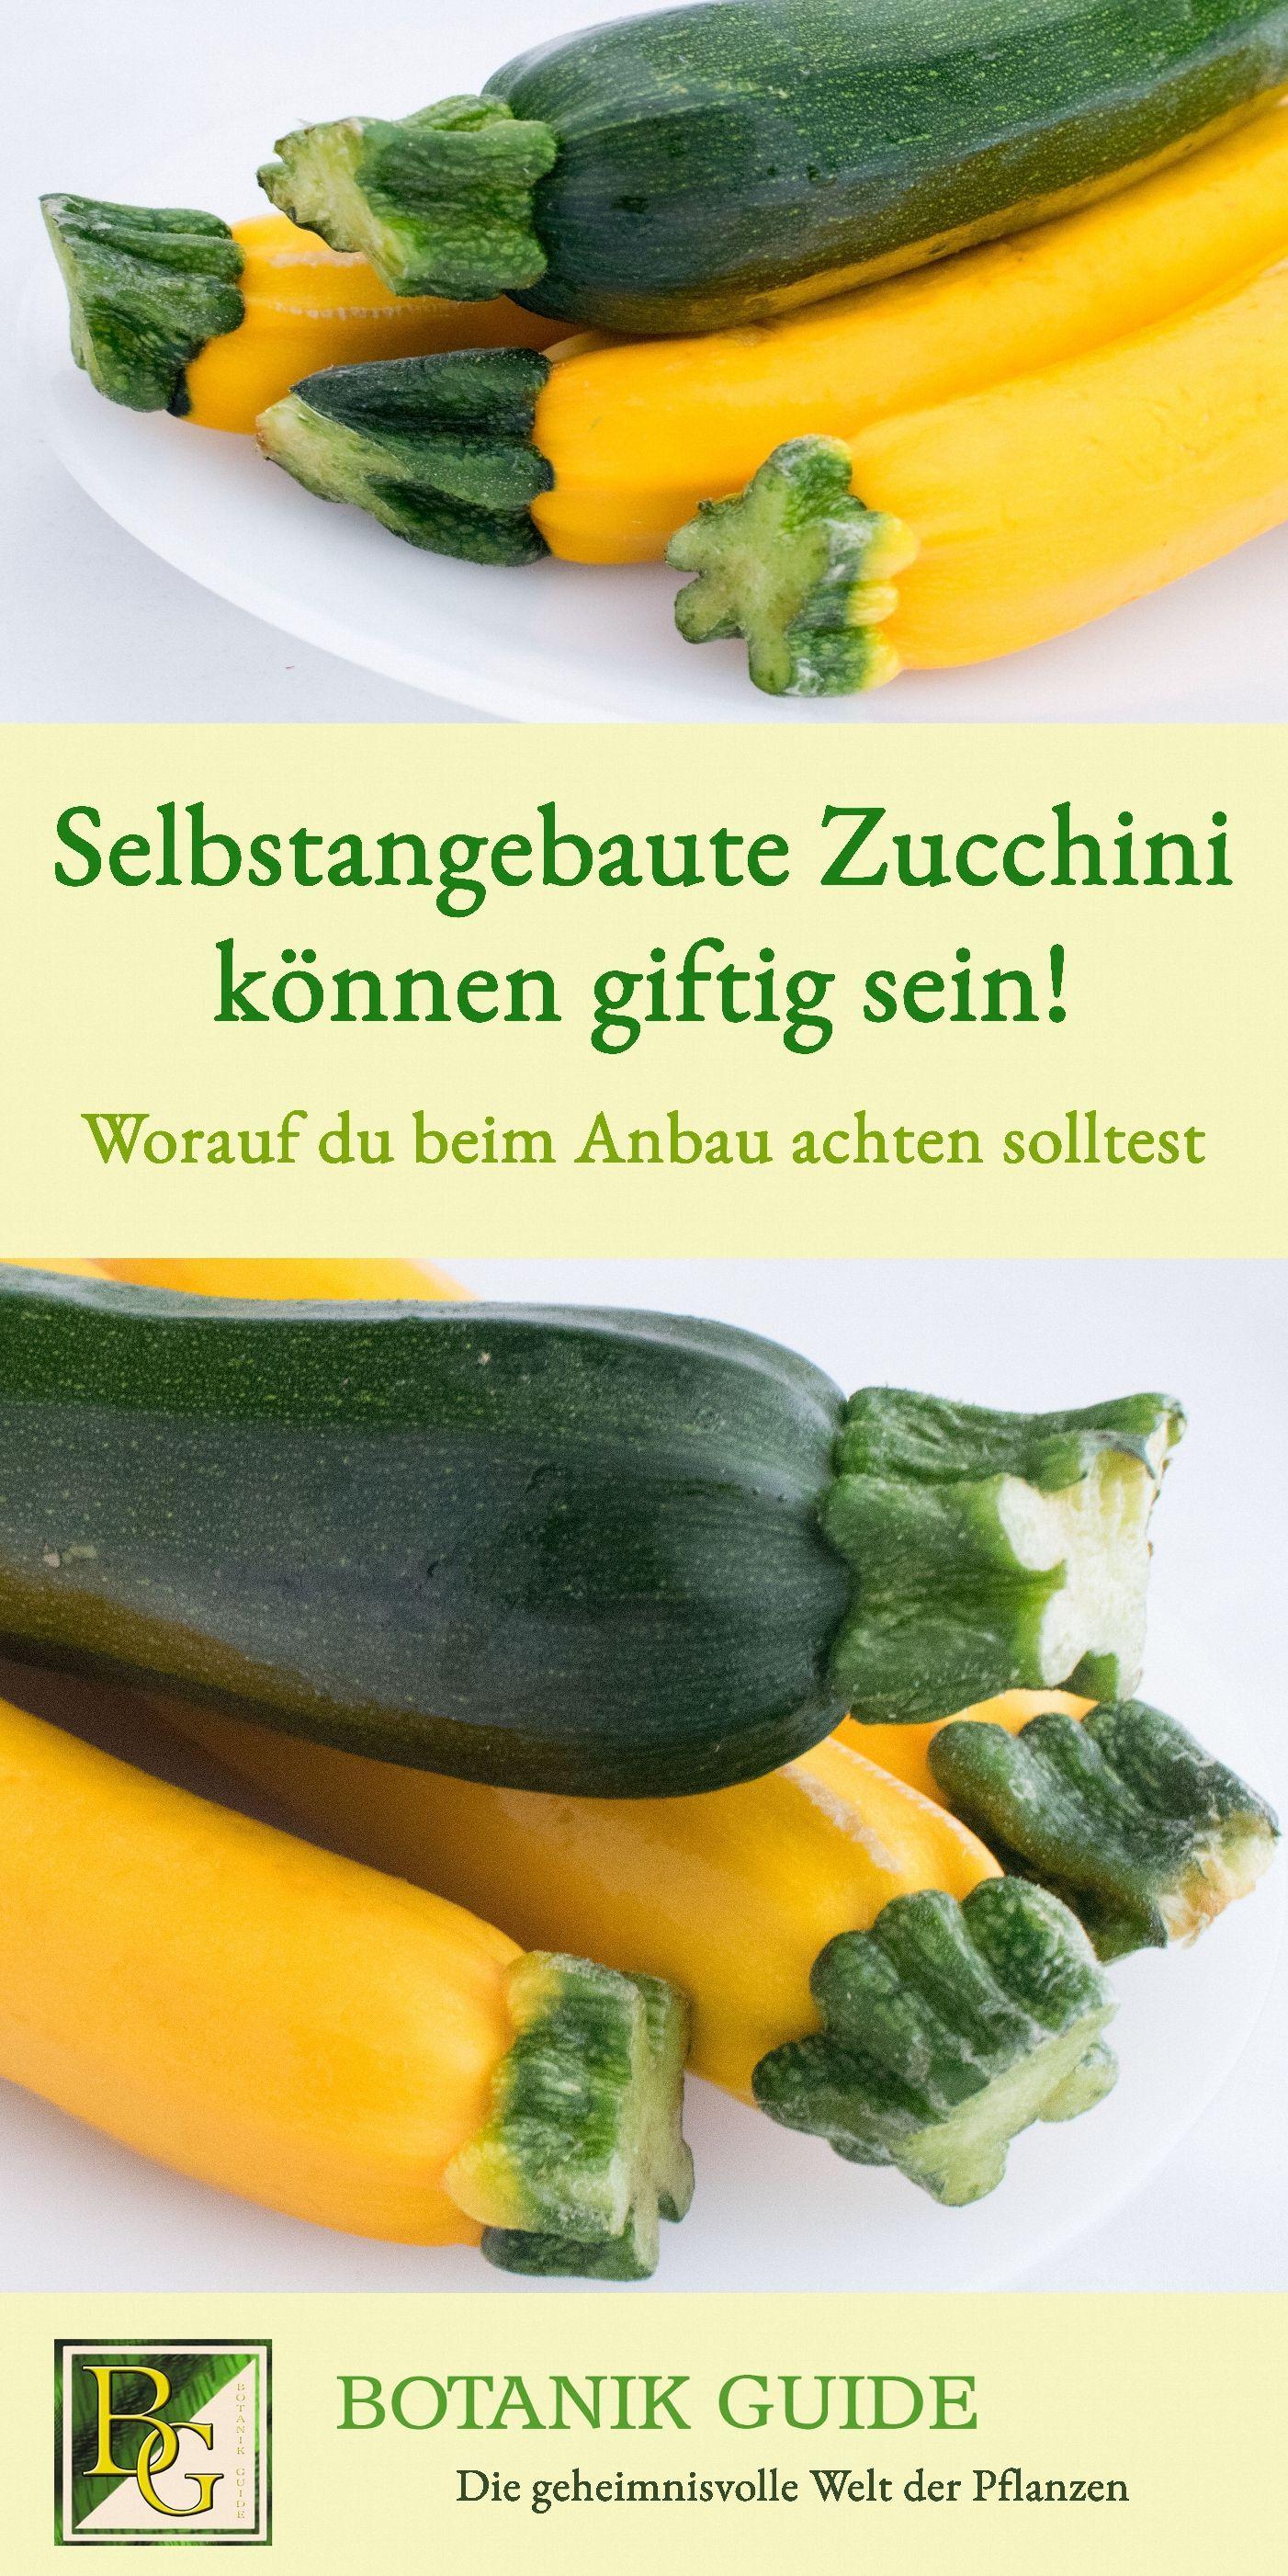 Darum Werden Zucchini Bitter Und Ungeniessbar Bitter Darum Und Ungenie Ungeniessbar Werden Zucchin Edible Garden Home Vegetable Garden Planting Vegetables